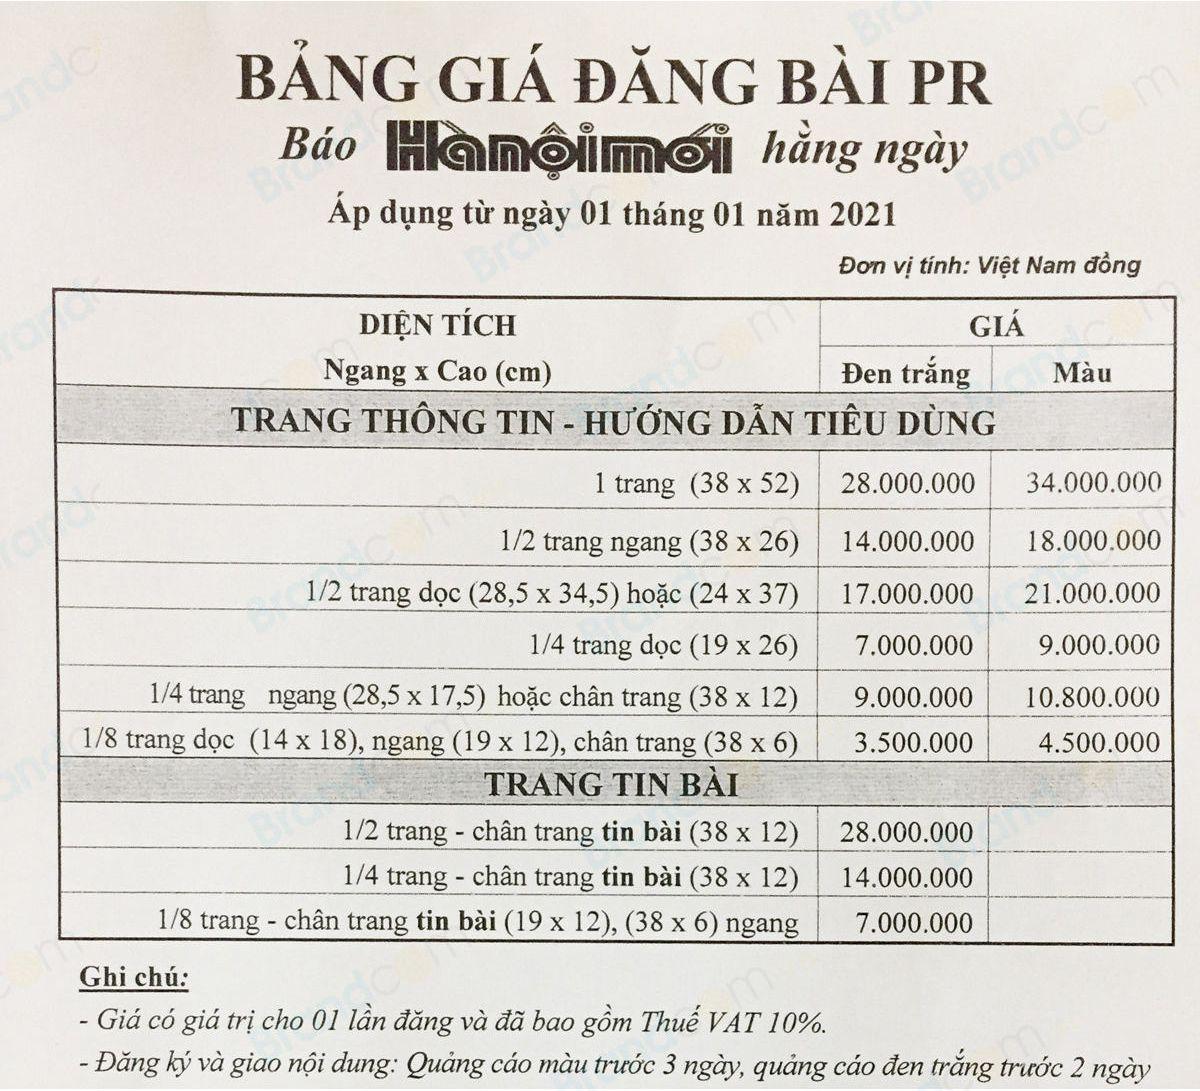 Bảng giá quảng cáo báo Hà Nội mới năm 2021